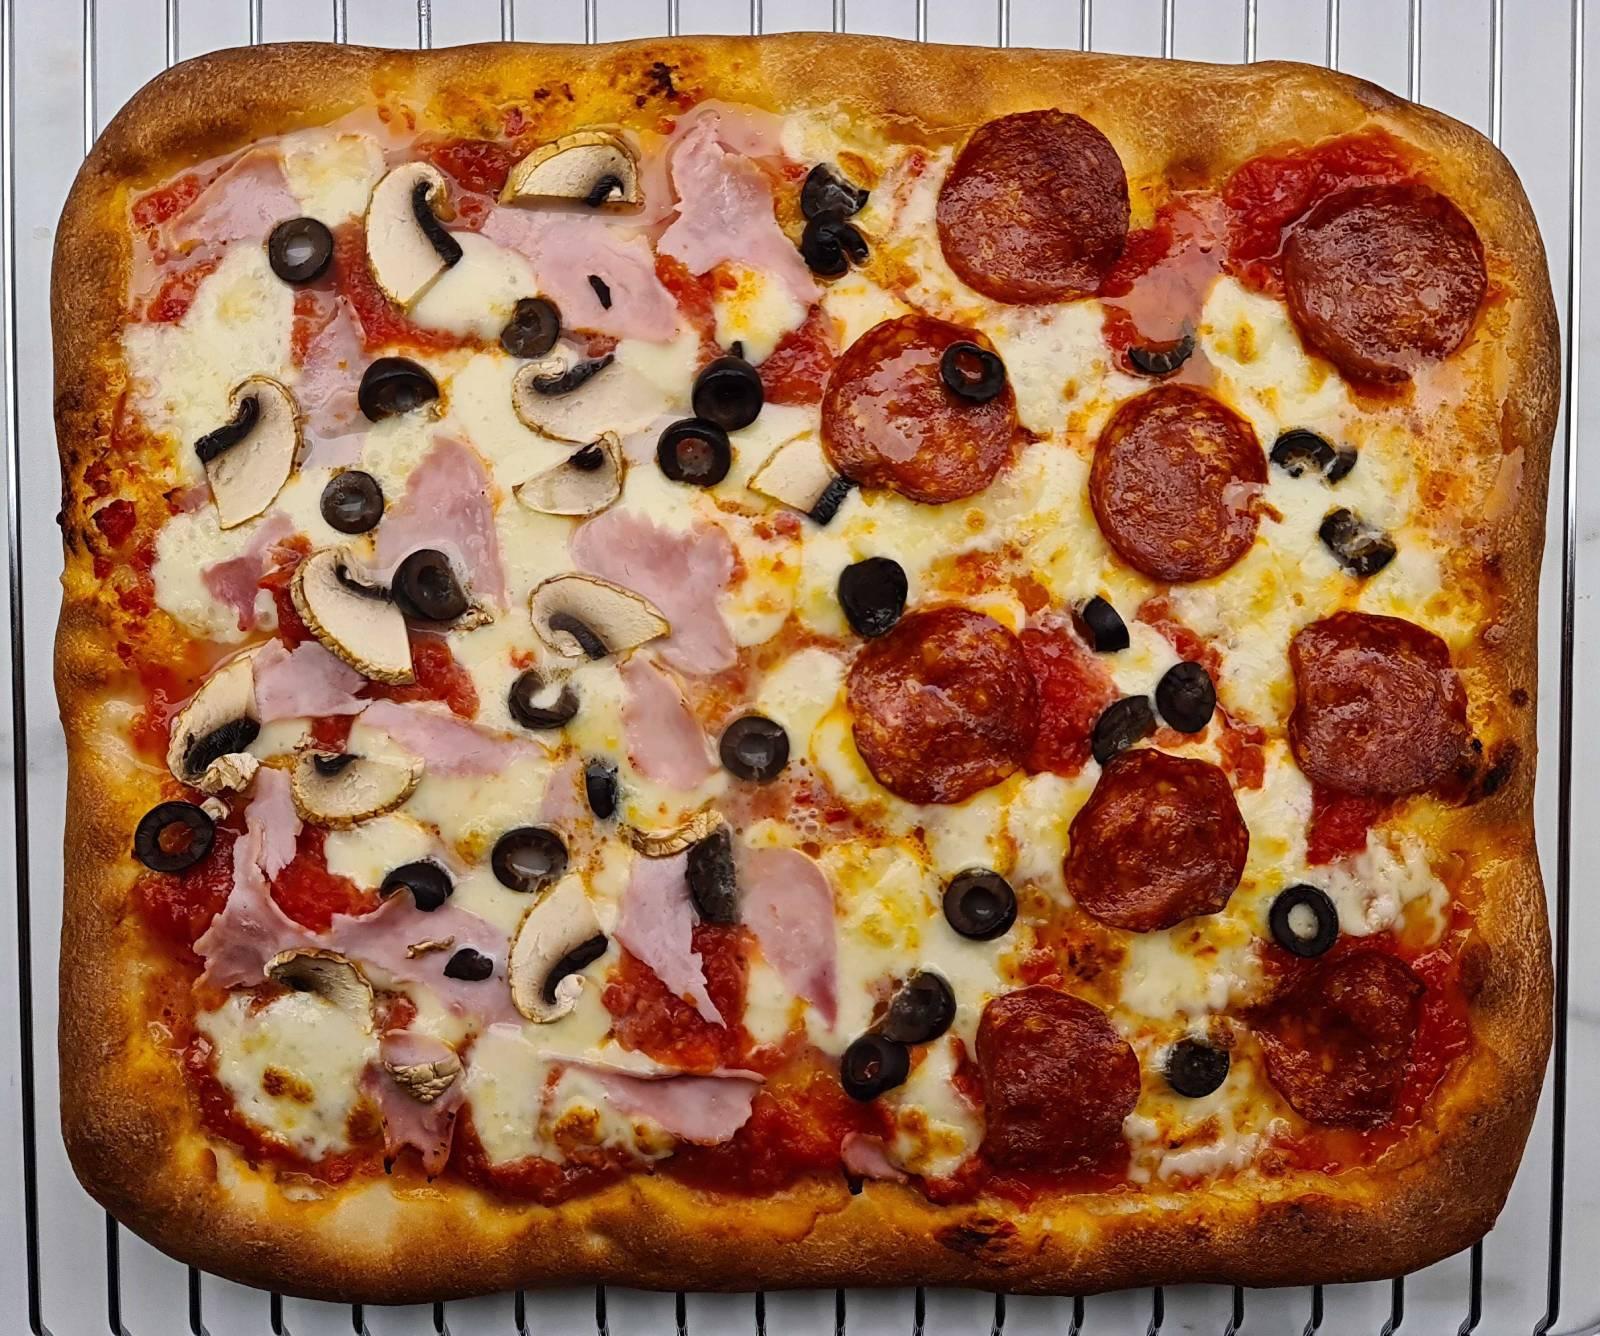 SICILIAN PIZZA DOUGH RECIPE 1 ¡LA MEJOR RECETA DE MASA DE PIZZA SICILIANA! (CON IMÁGENES)